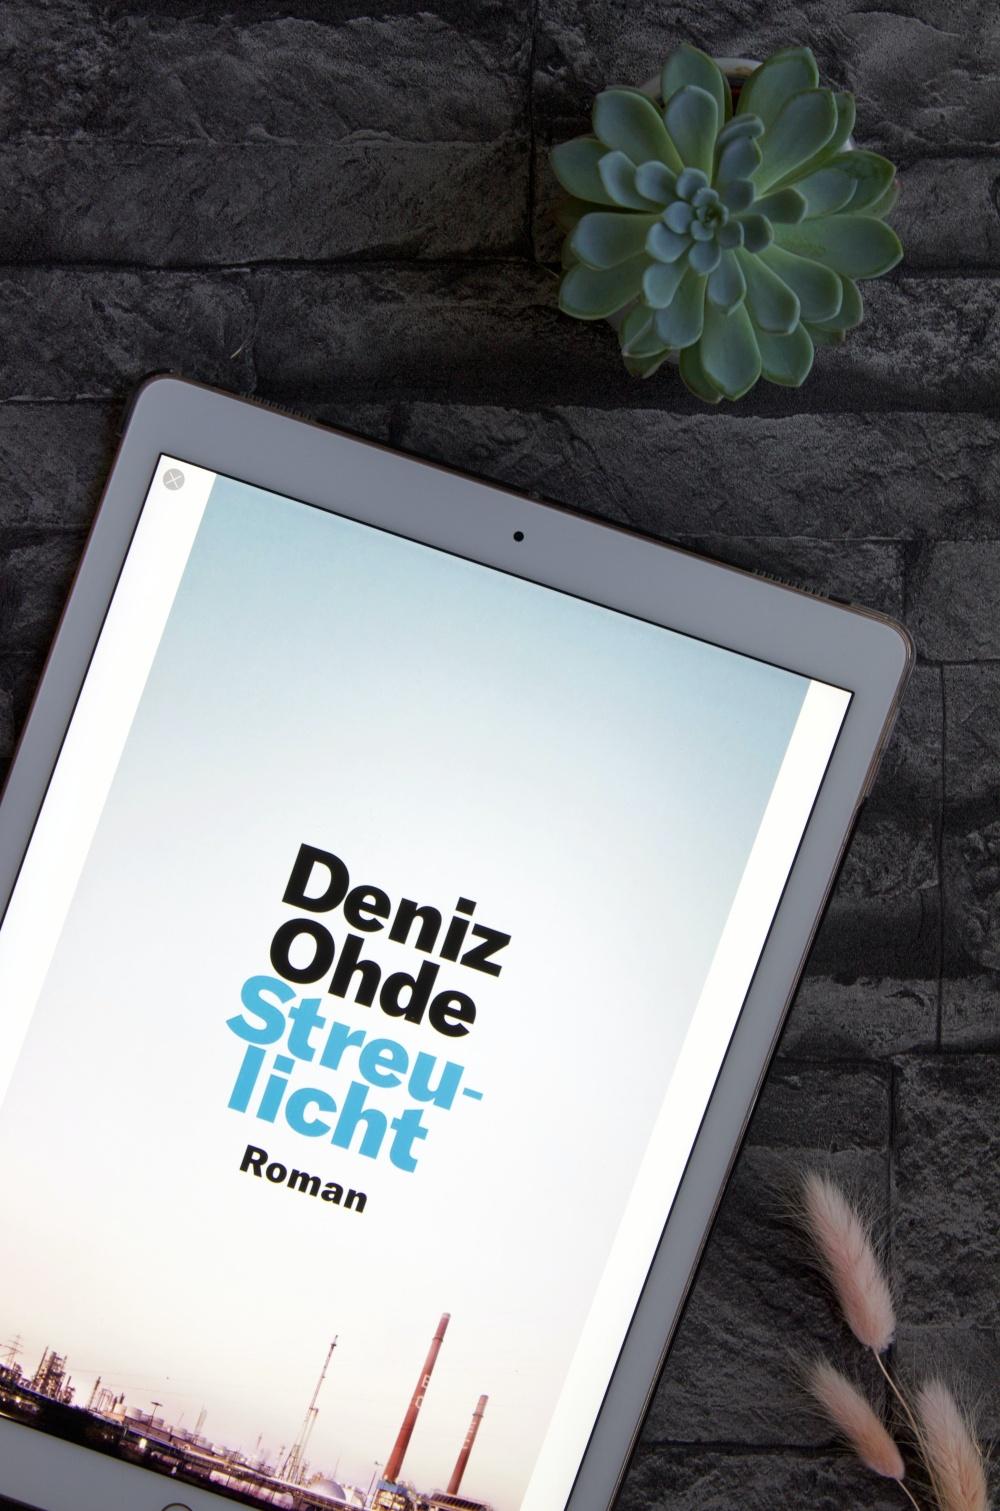 Streulicht von Deniz Ohde